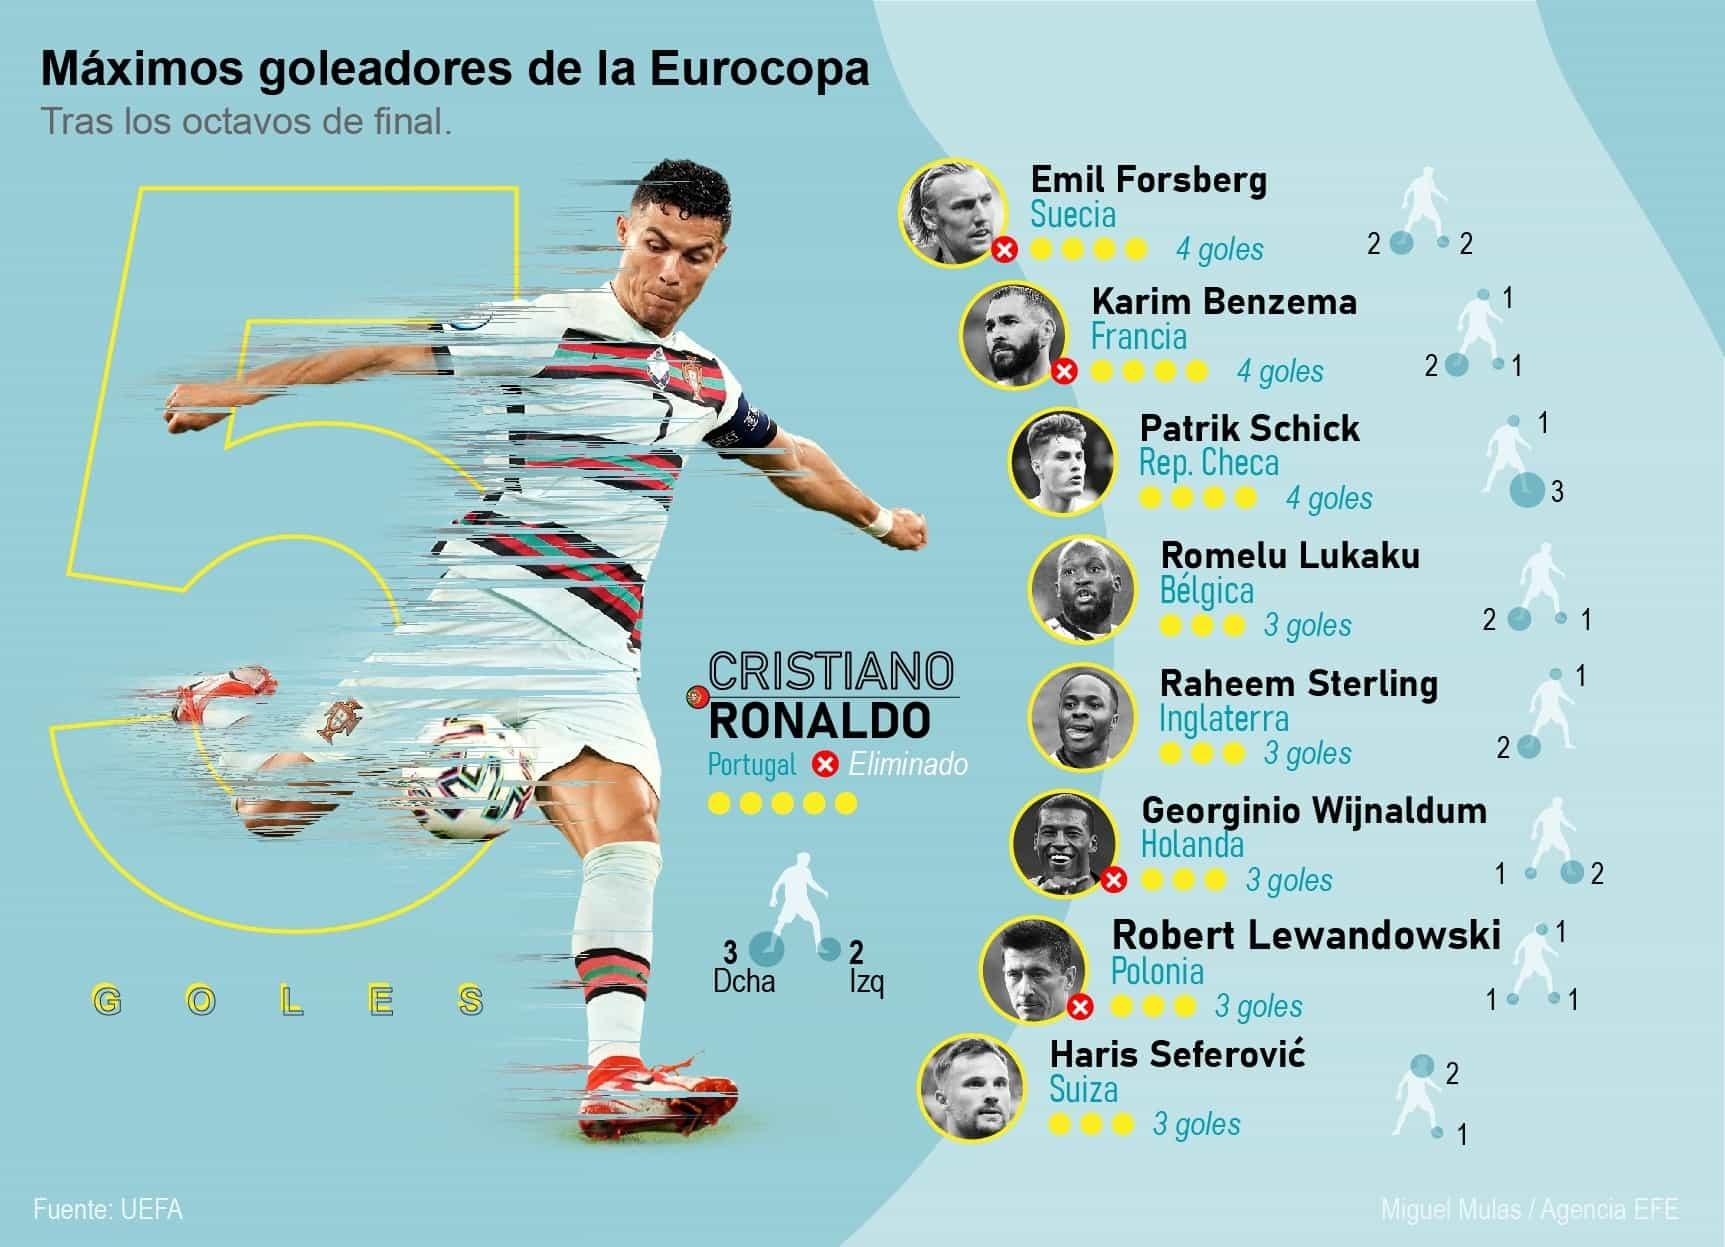 [Infografía] Máximos goleadores de la Eurocopa y lo que viene en los cuartos de final 1